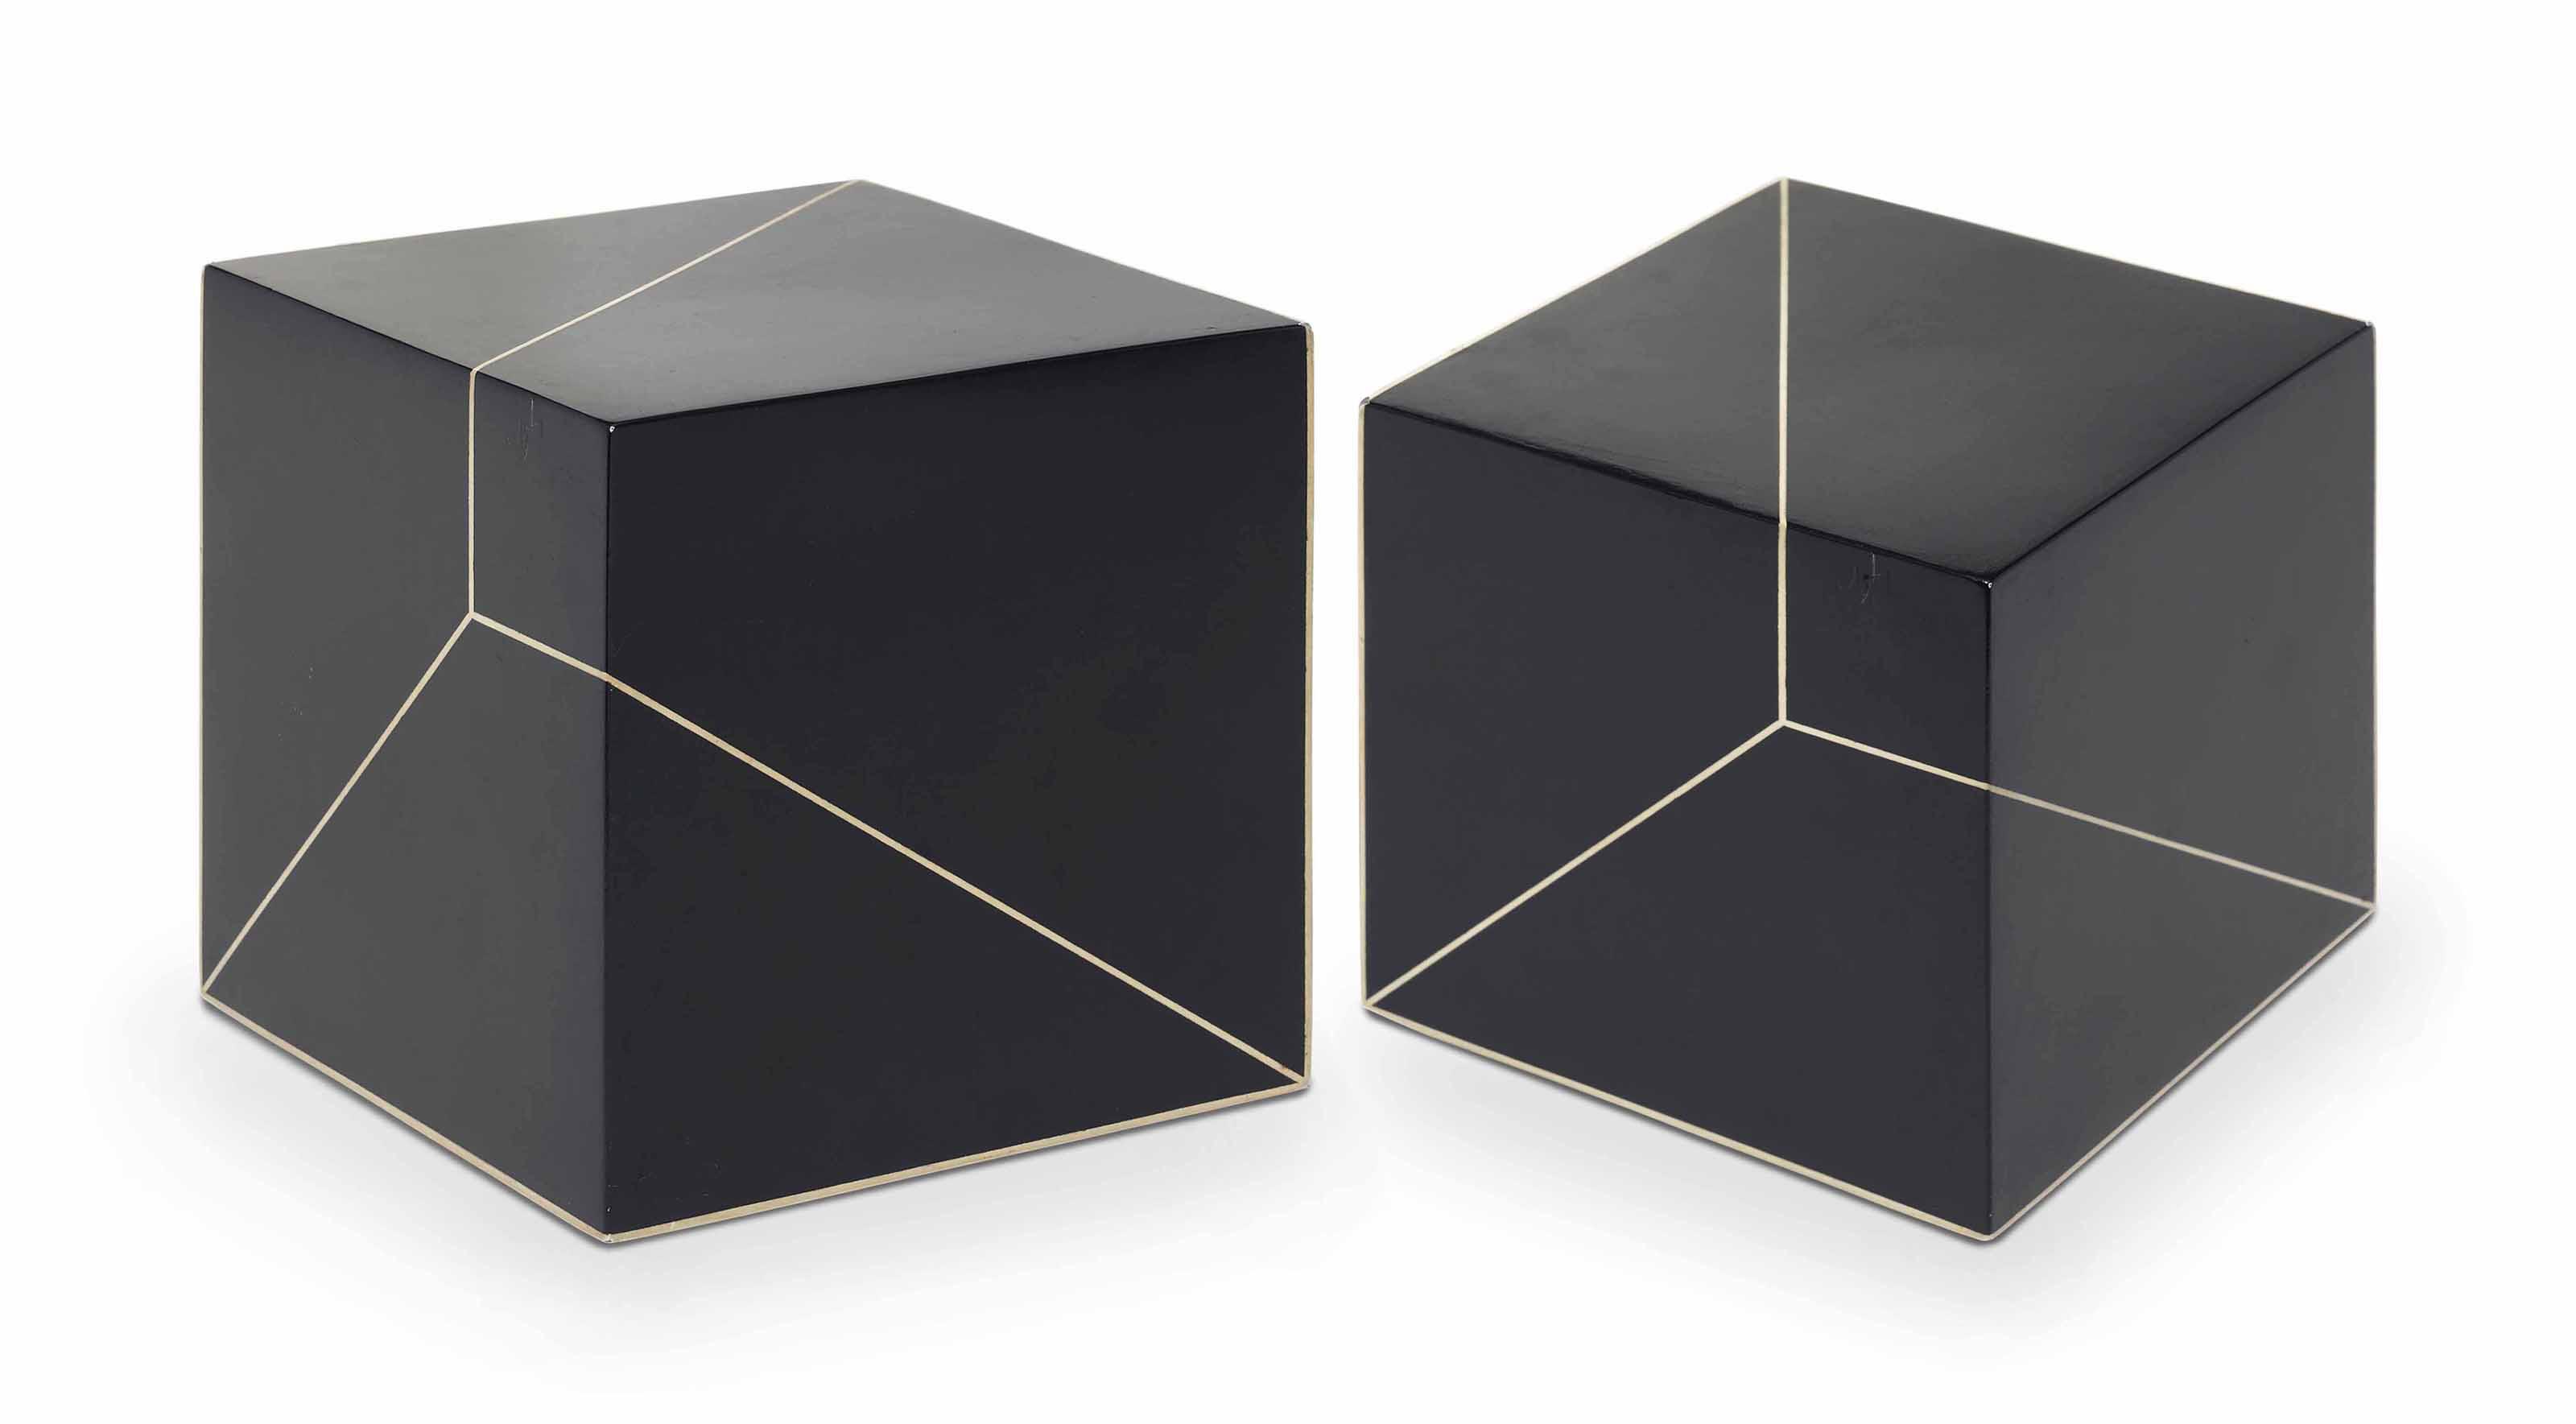 Cube no. 254